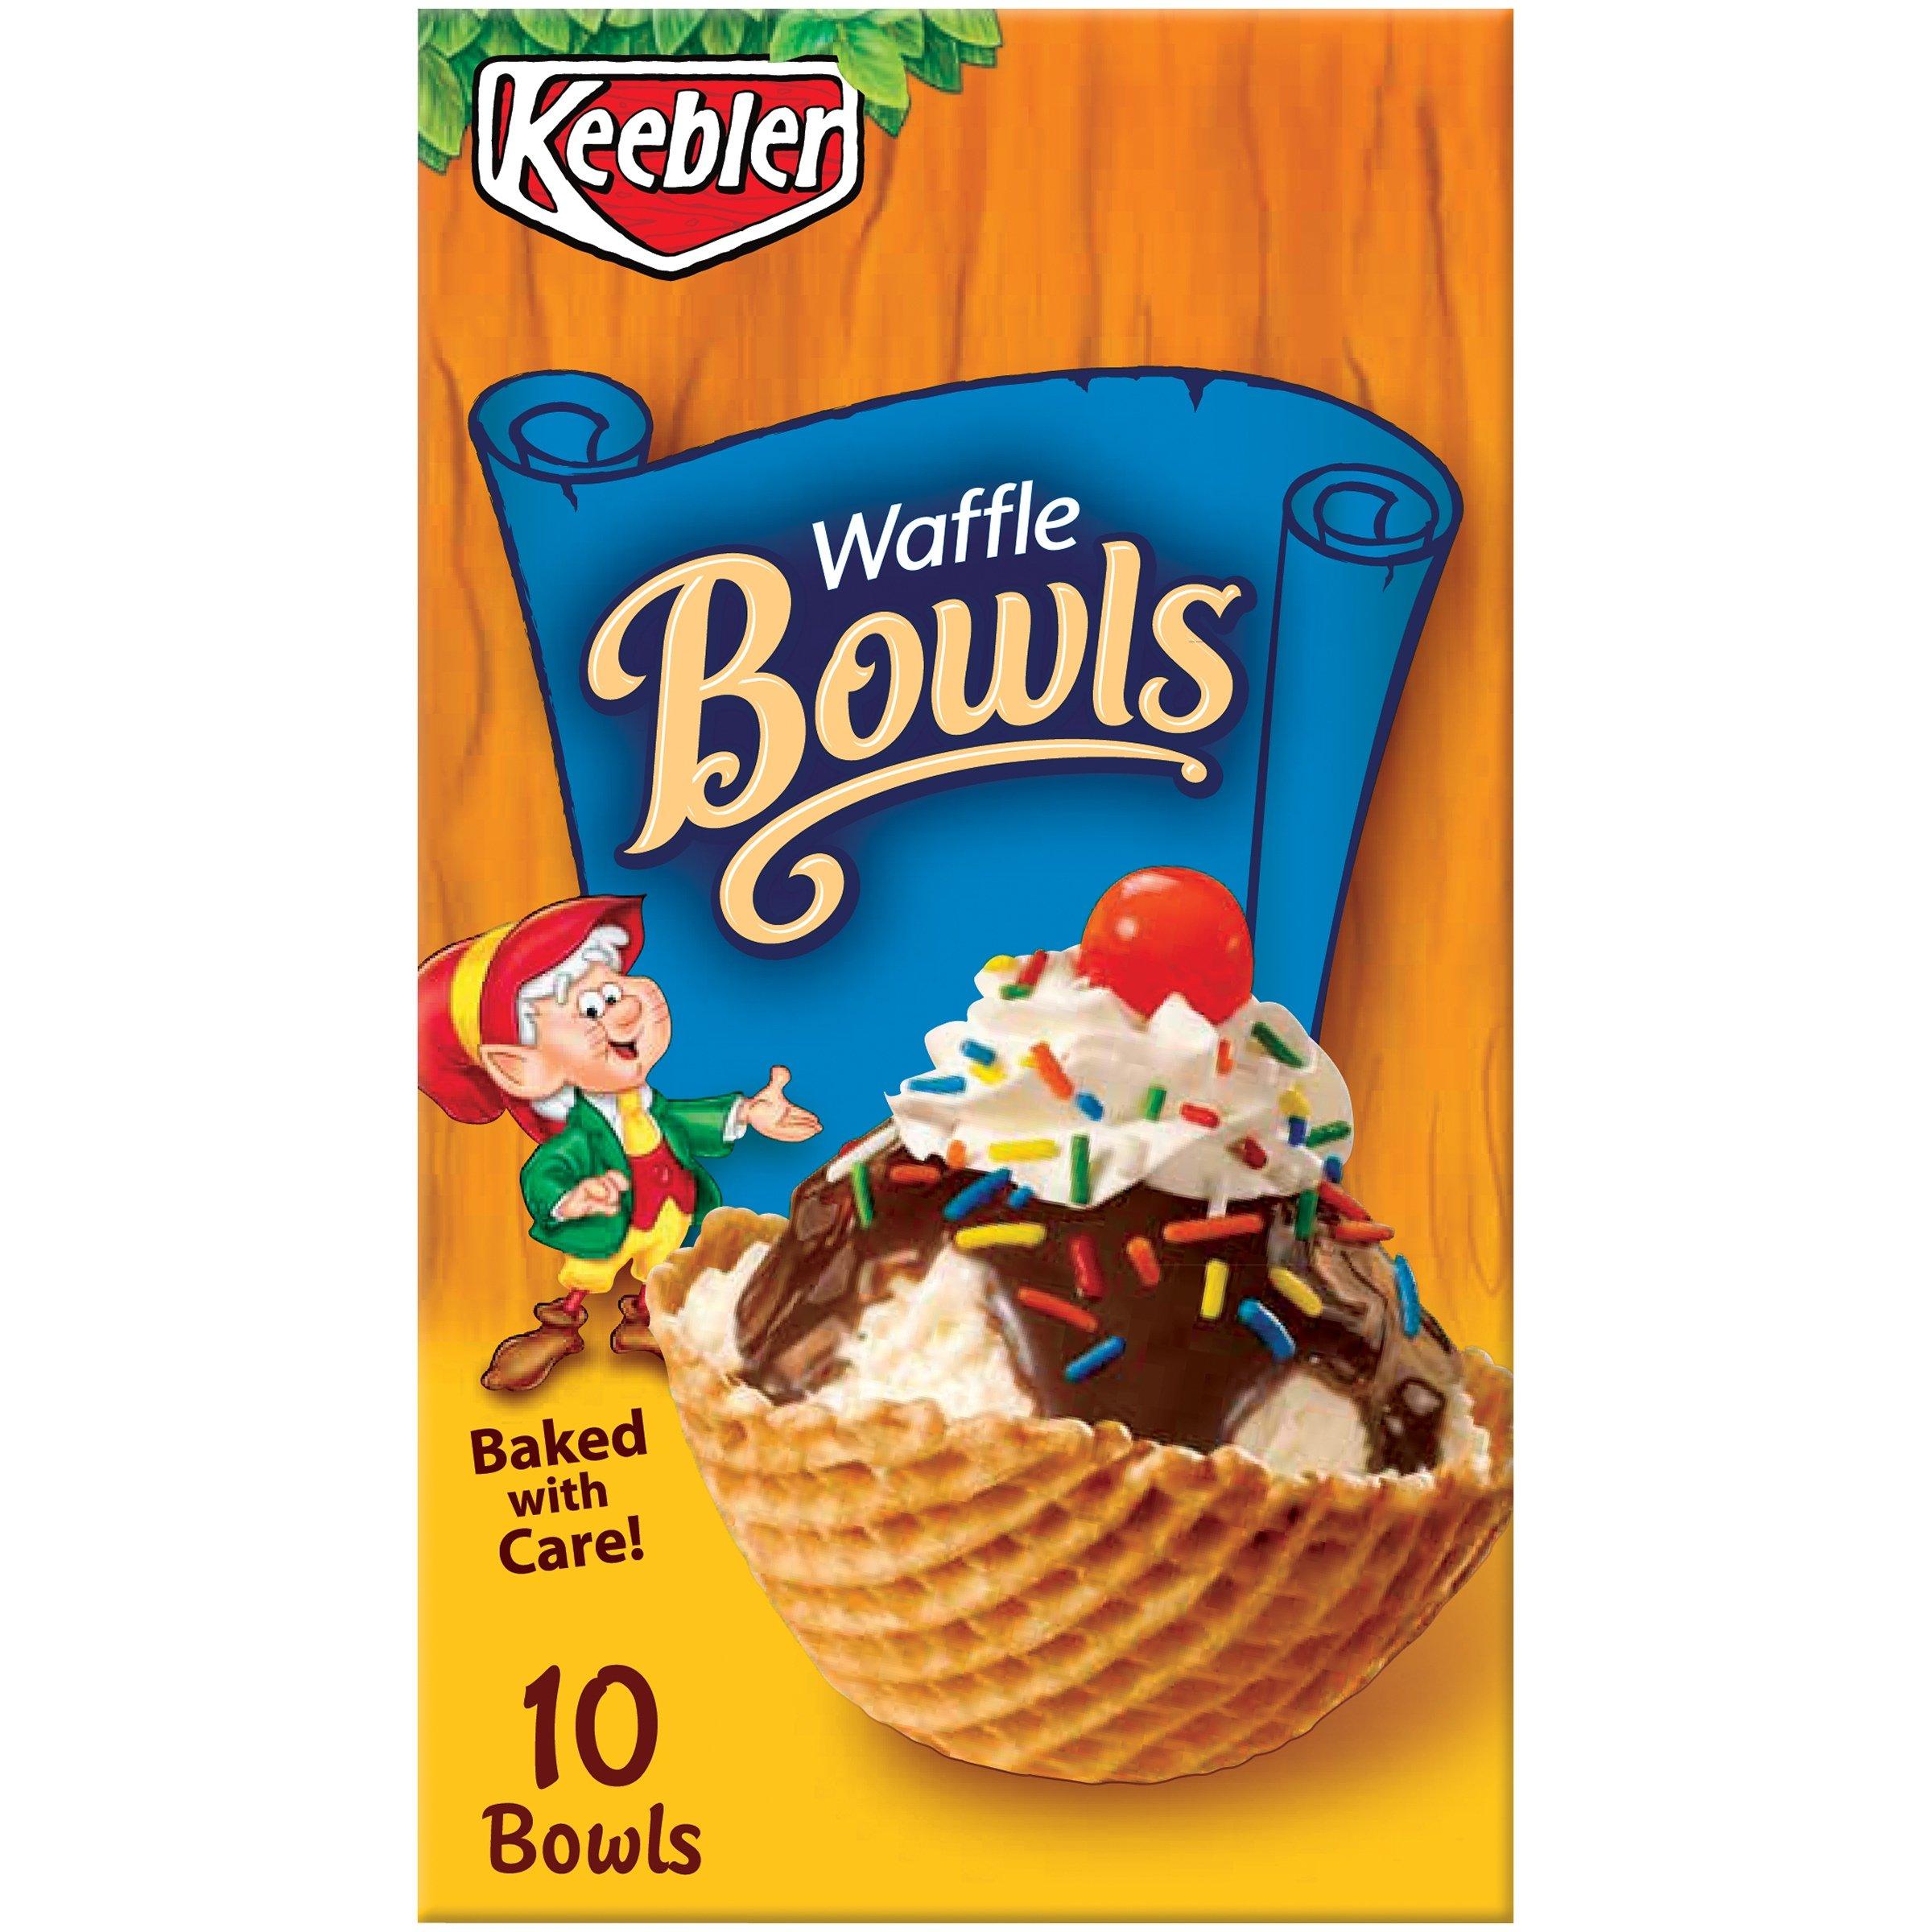 Keebler Cones, Ice Cream Waffle Bowls, 4 oz (10 Count) by Keebler Cones (Image #1)